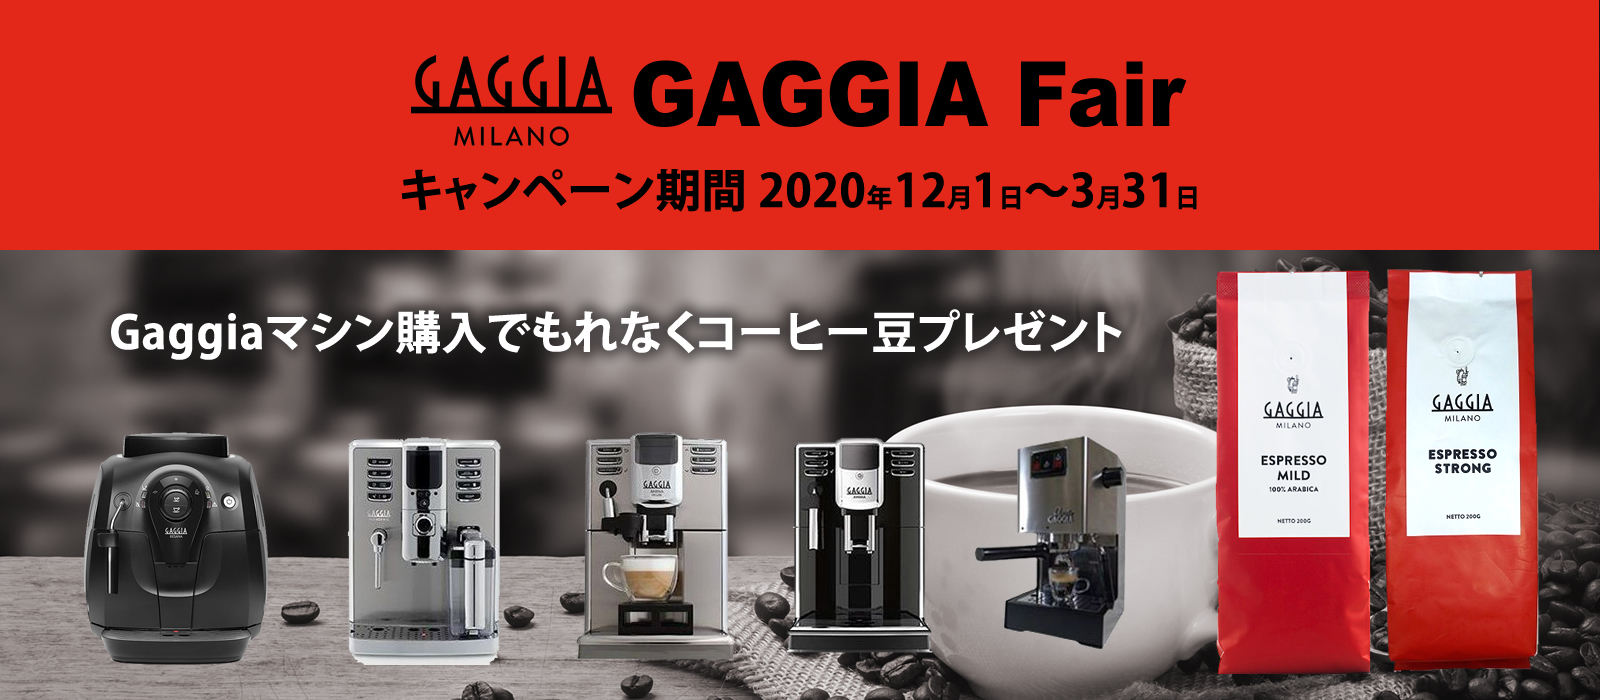 Gaggiaマシン購入でもれなくコーヒー豆プレゼント